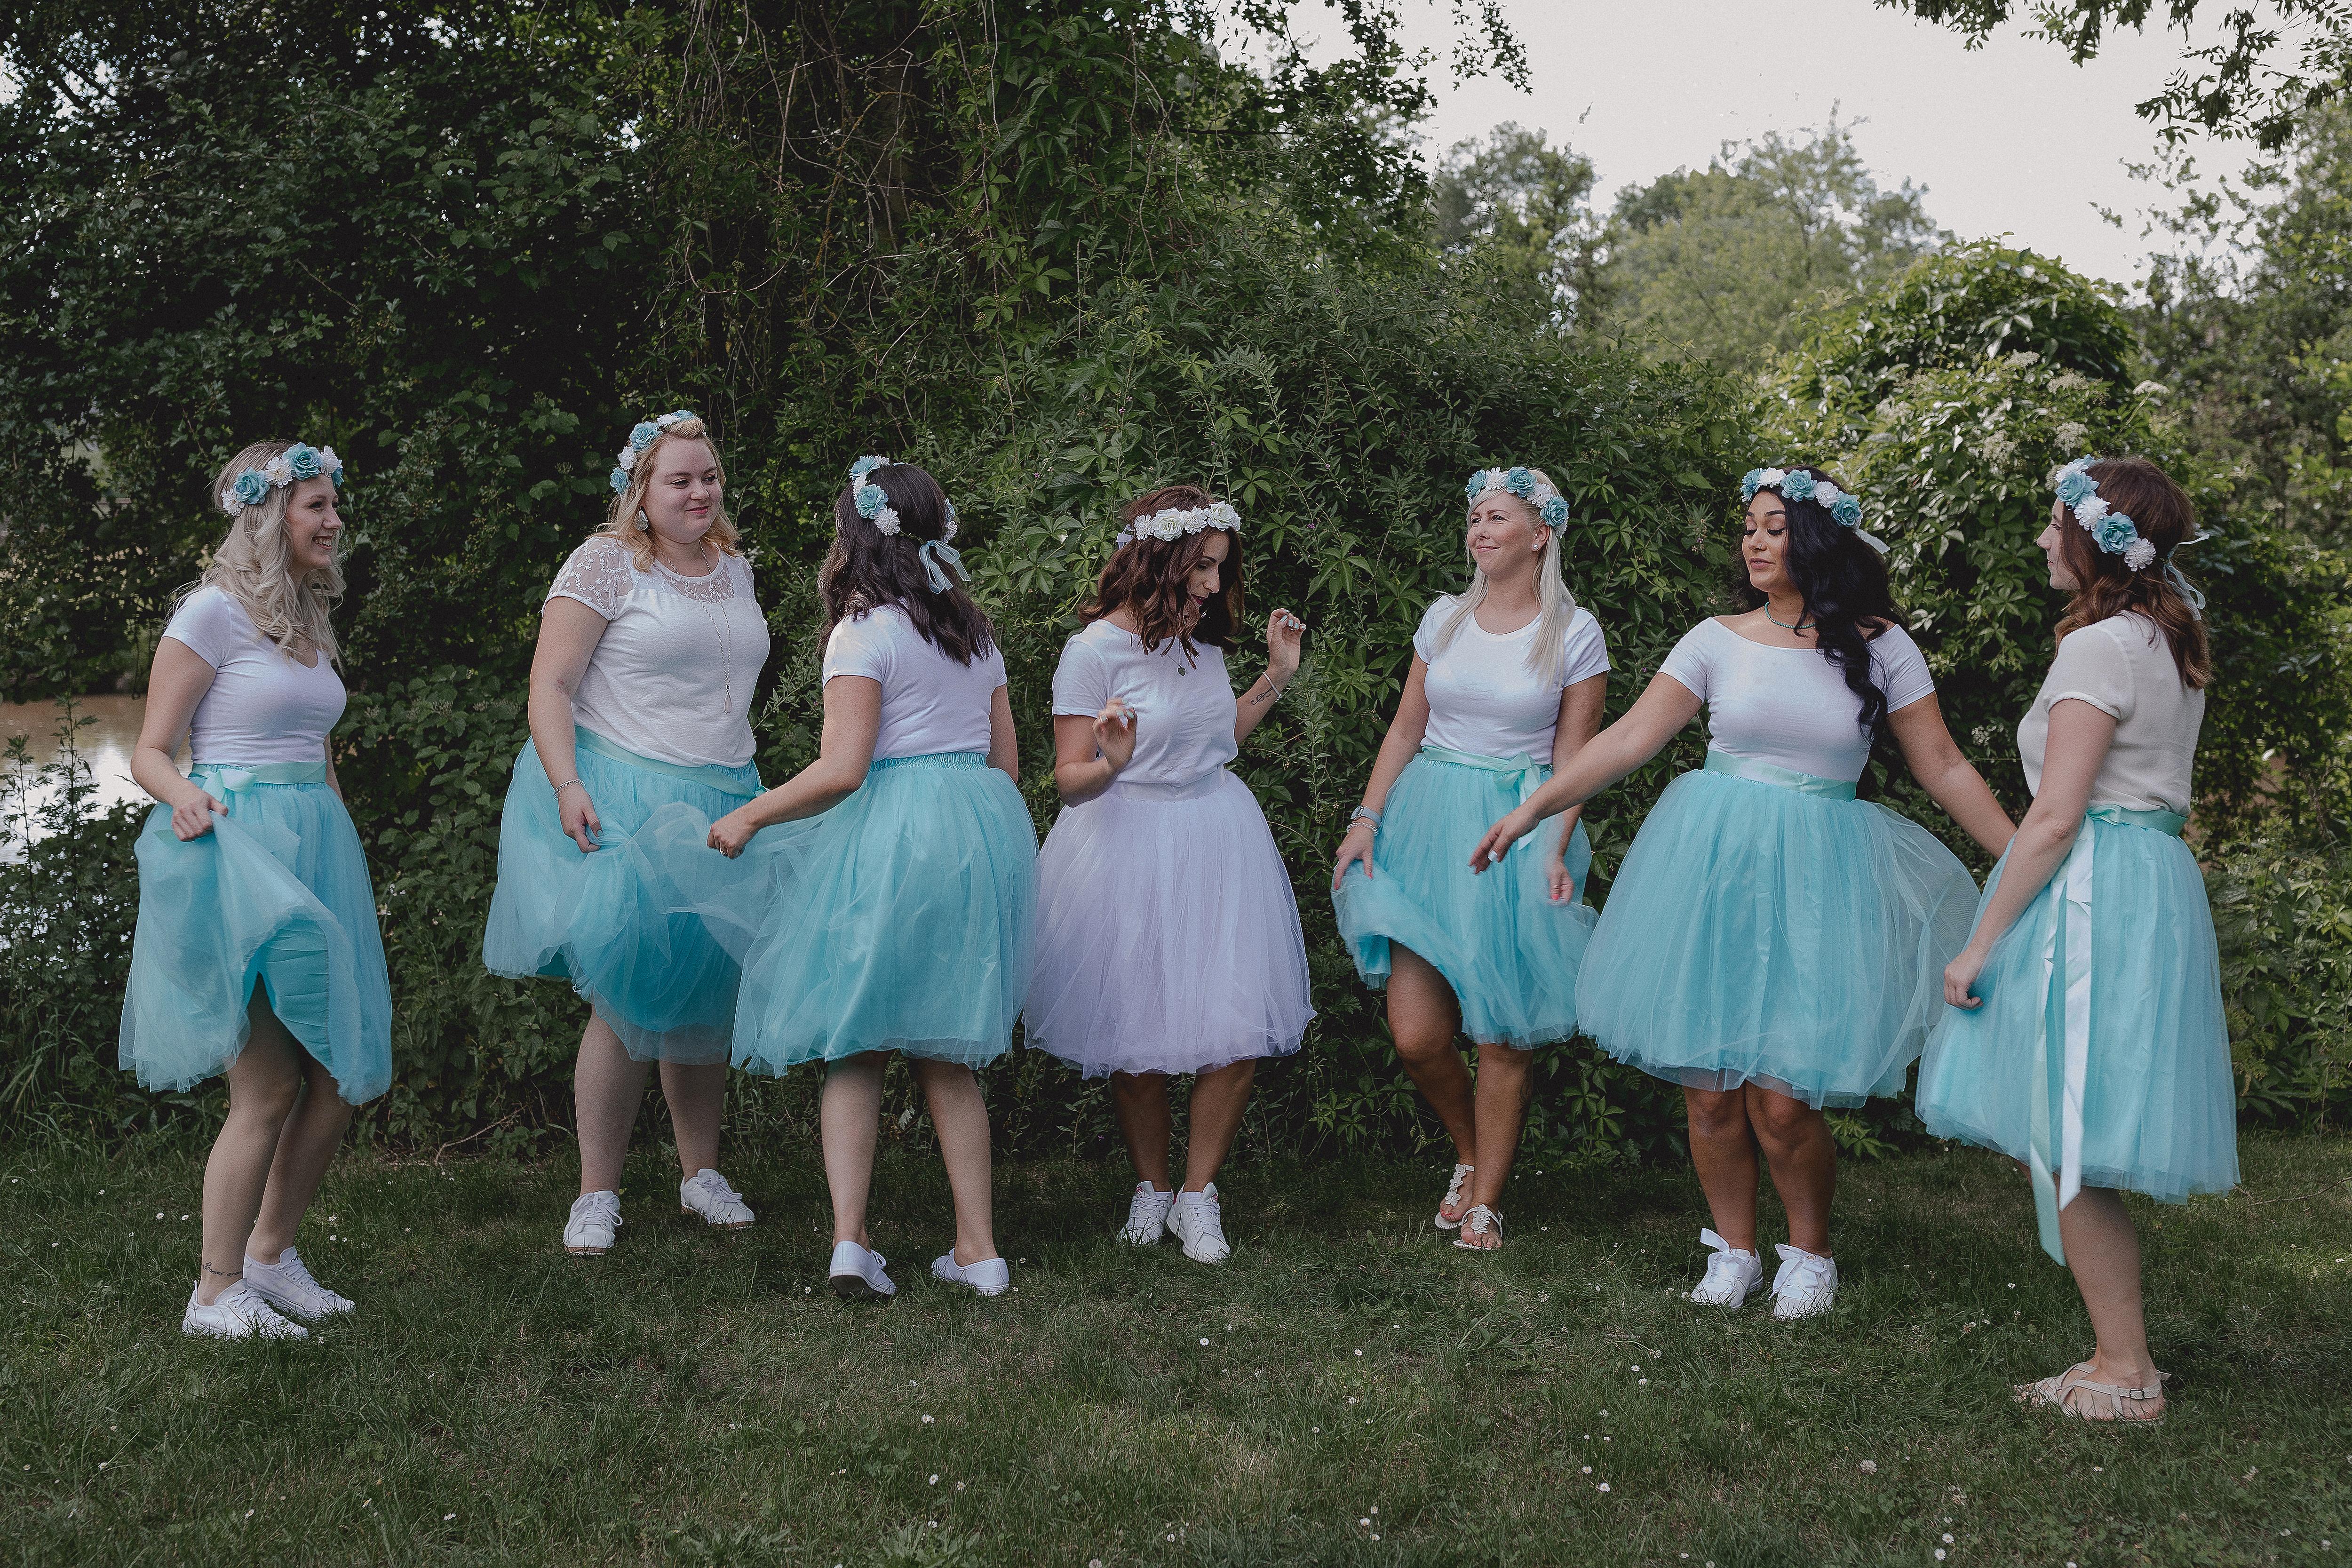 URBANERIE_Daniela_Goth_Hochzeitsfotografin_Nuernberg_Fuerth_Erlangen_180602_0208